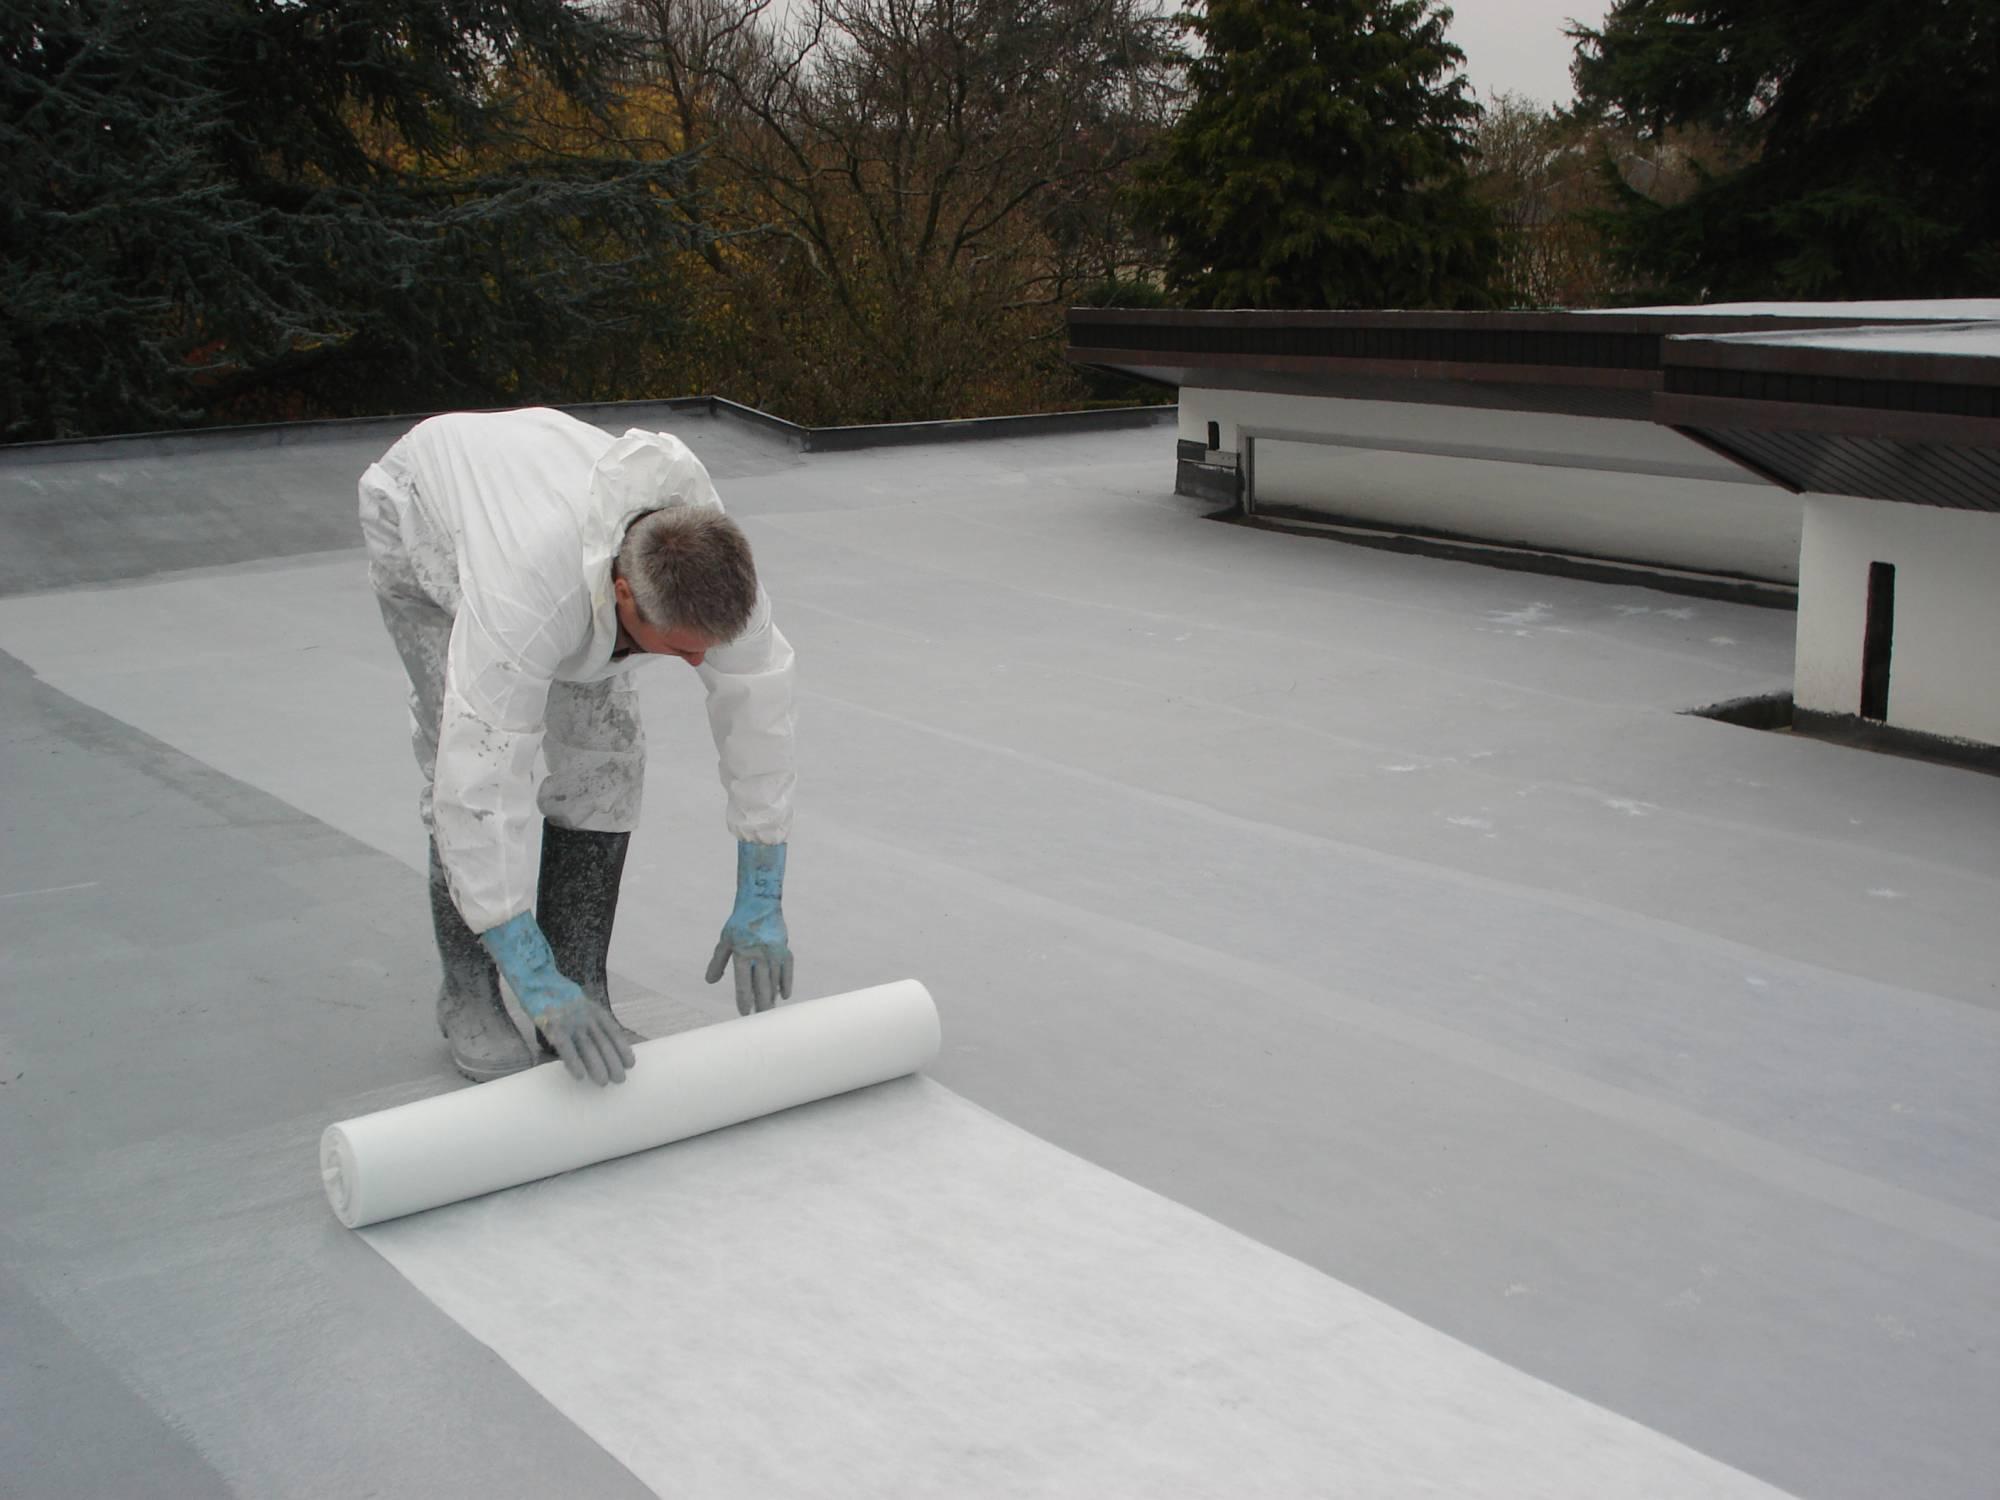 Comment Faire Une Terrasse En Resine comment réaliser l'étanchéité de votre terrasse ? - arcane